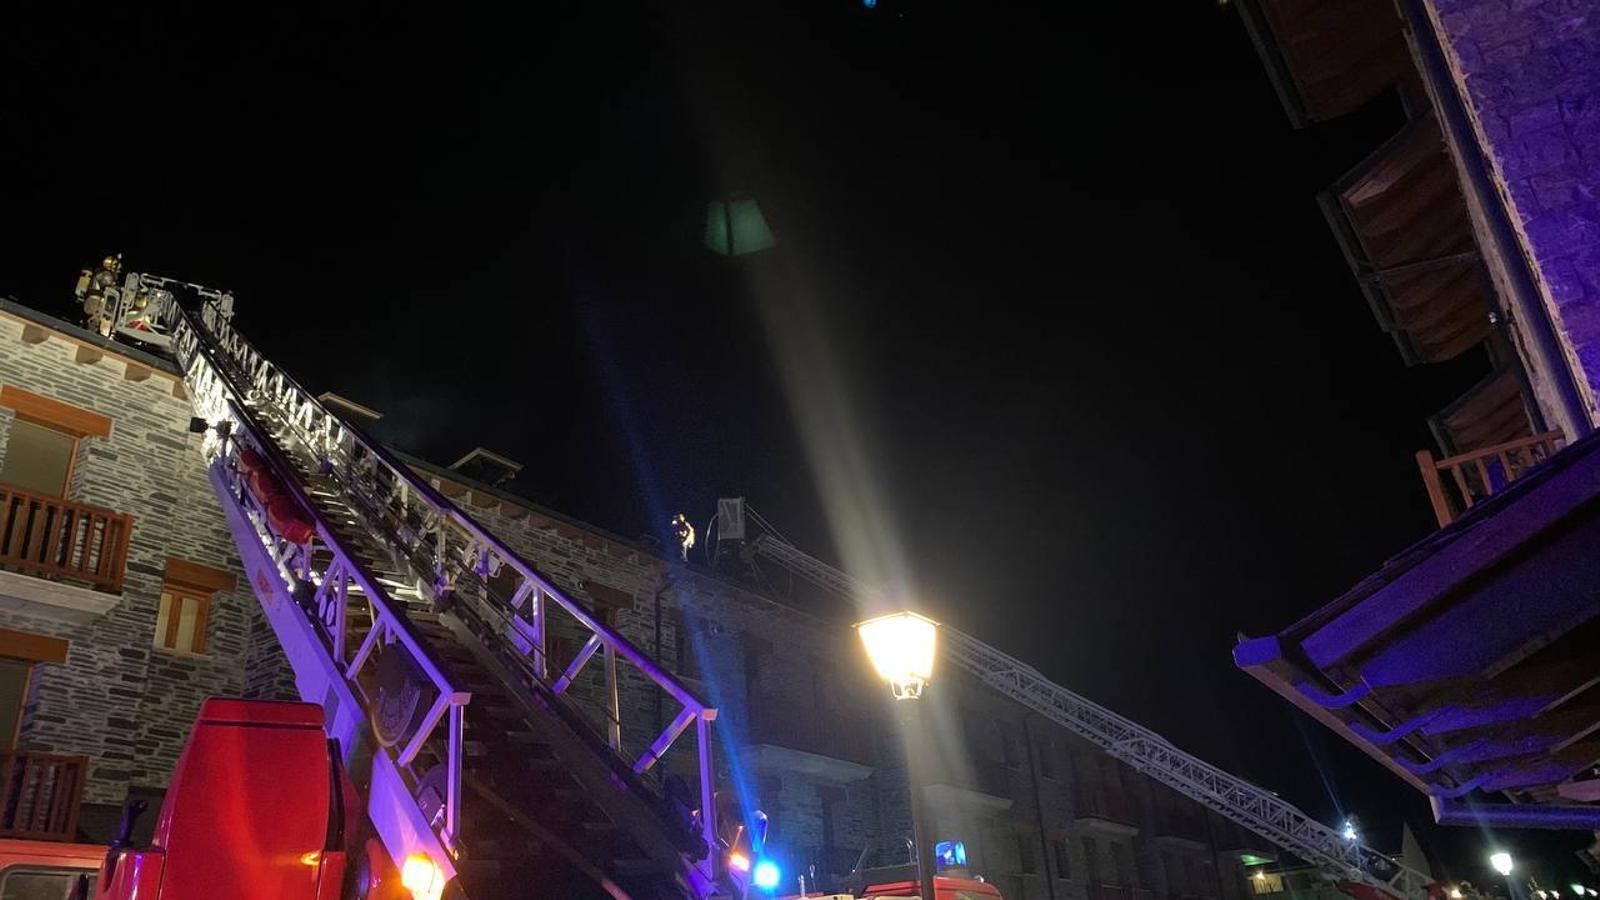 Un incendi de xemeneia obliga a desallotjar a set persones a Bellver. / BOMBERS